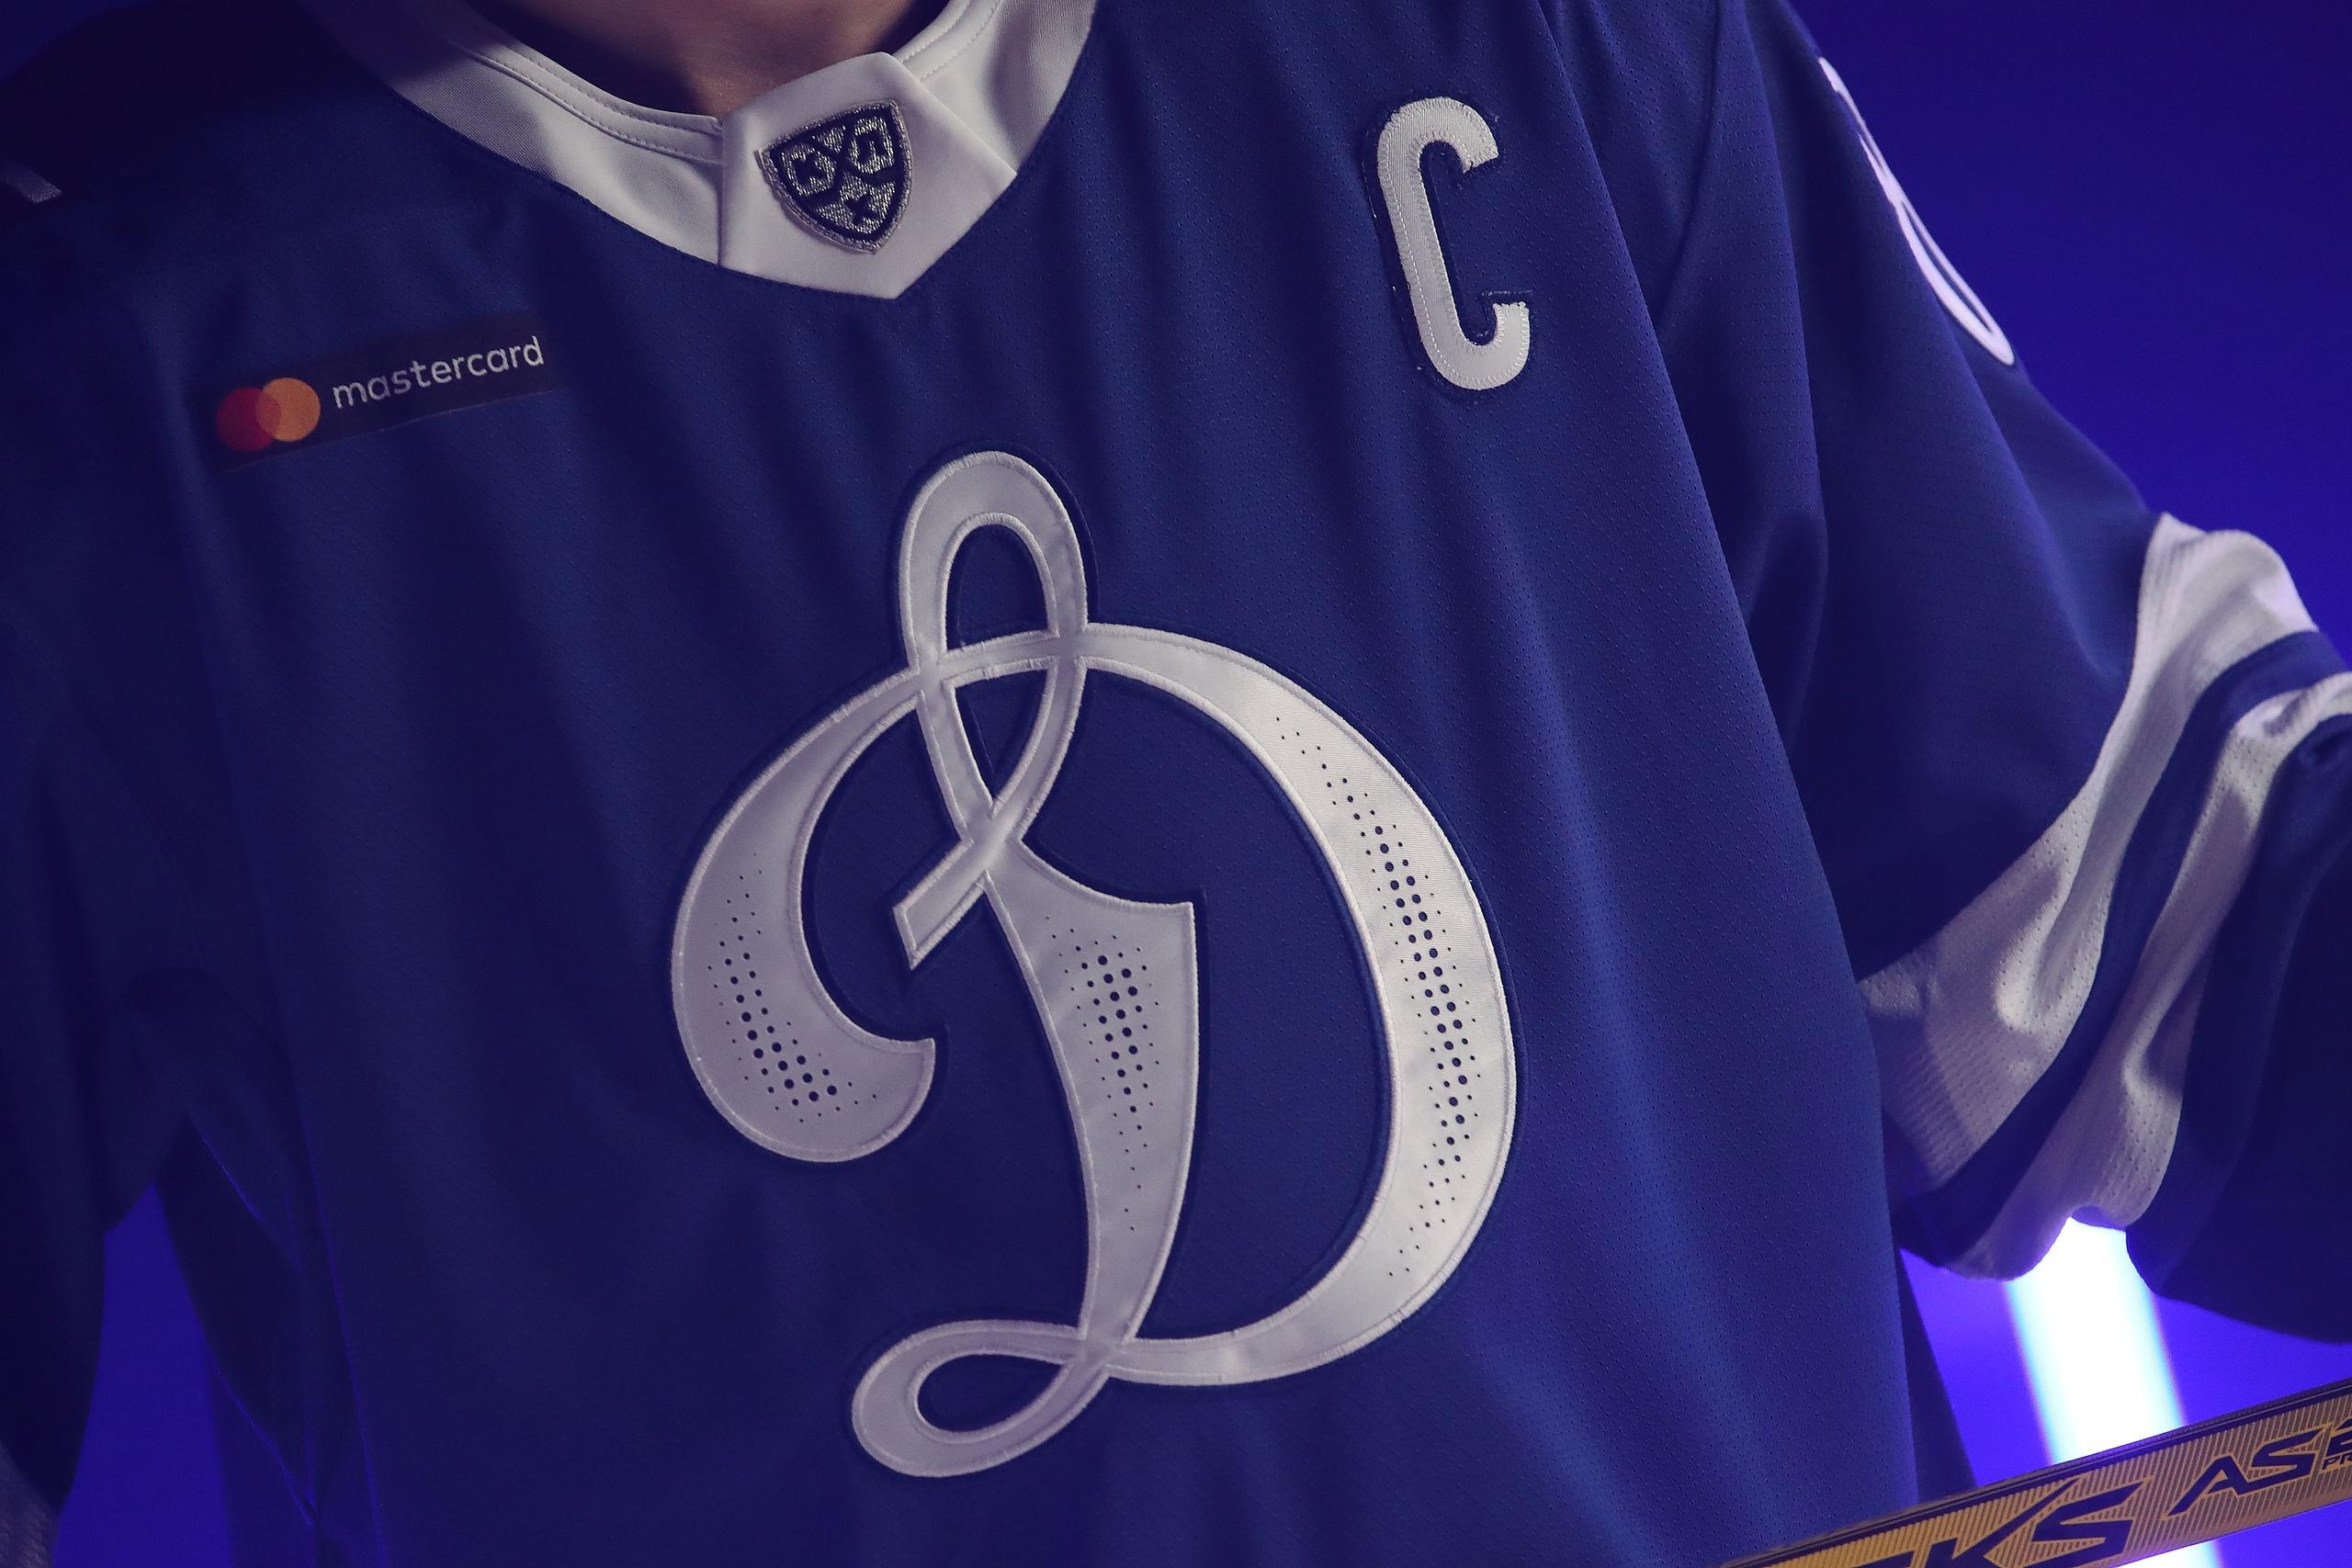 Хоккей клуб динамо москва официальный ночной клуб киева шутерс